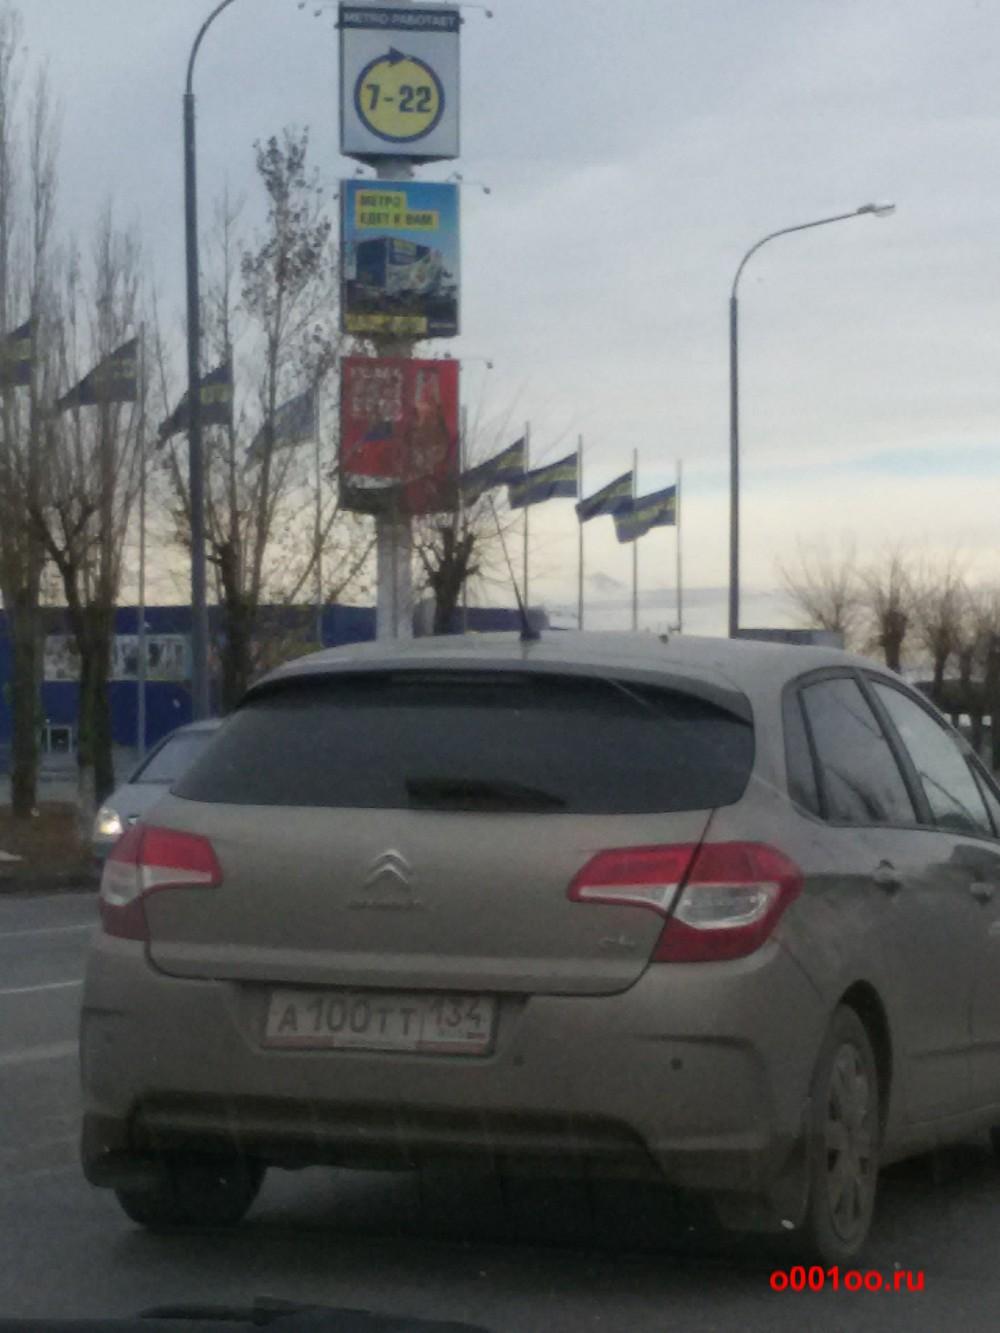 А100тт134